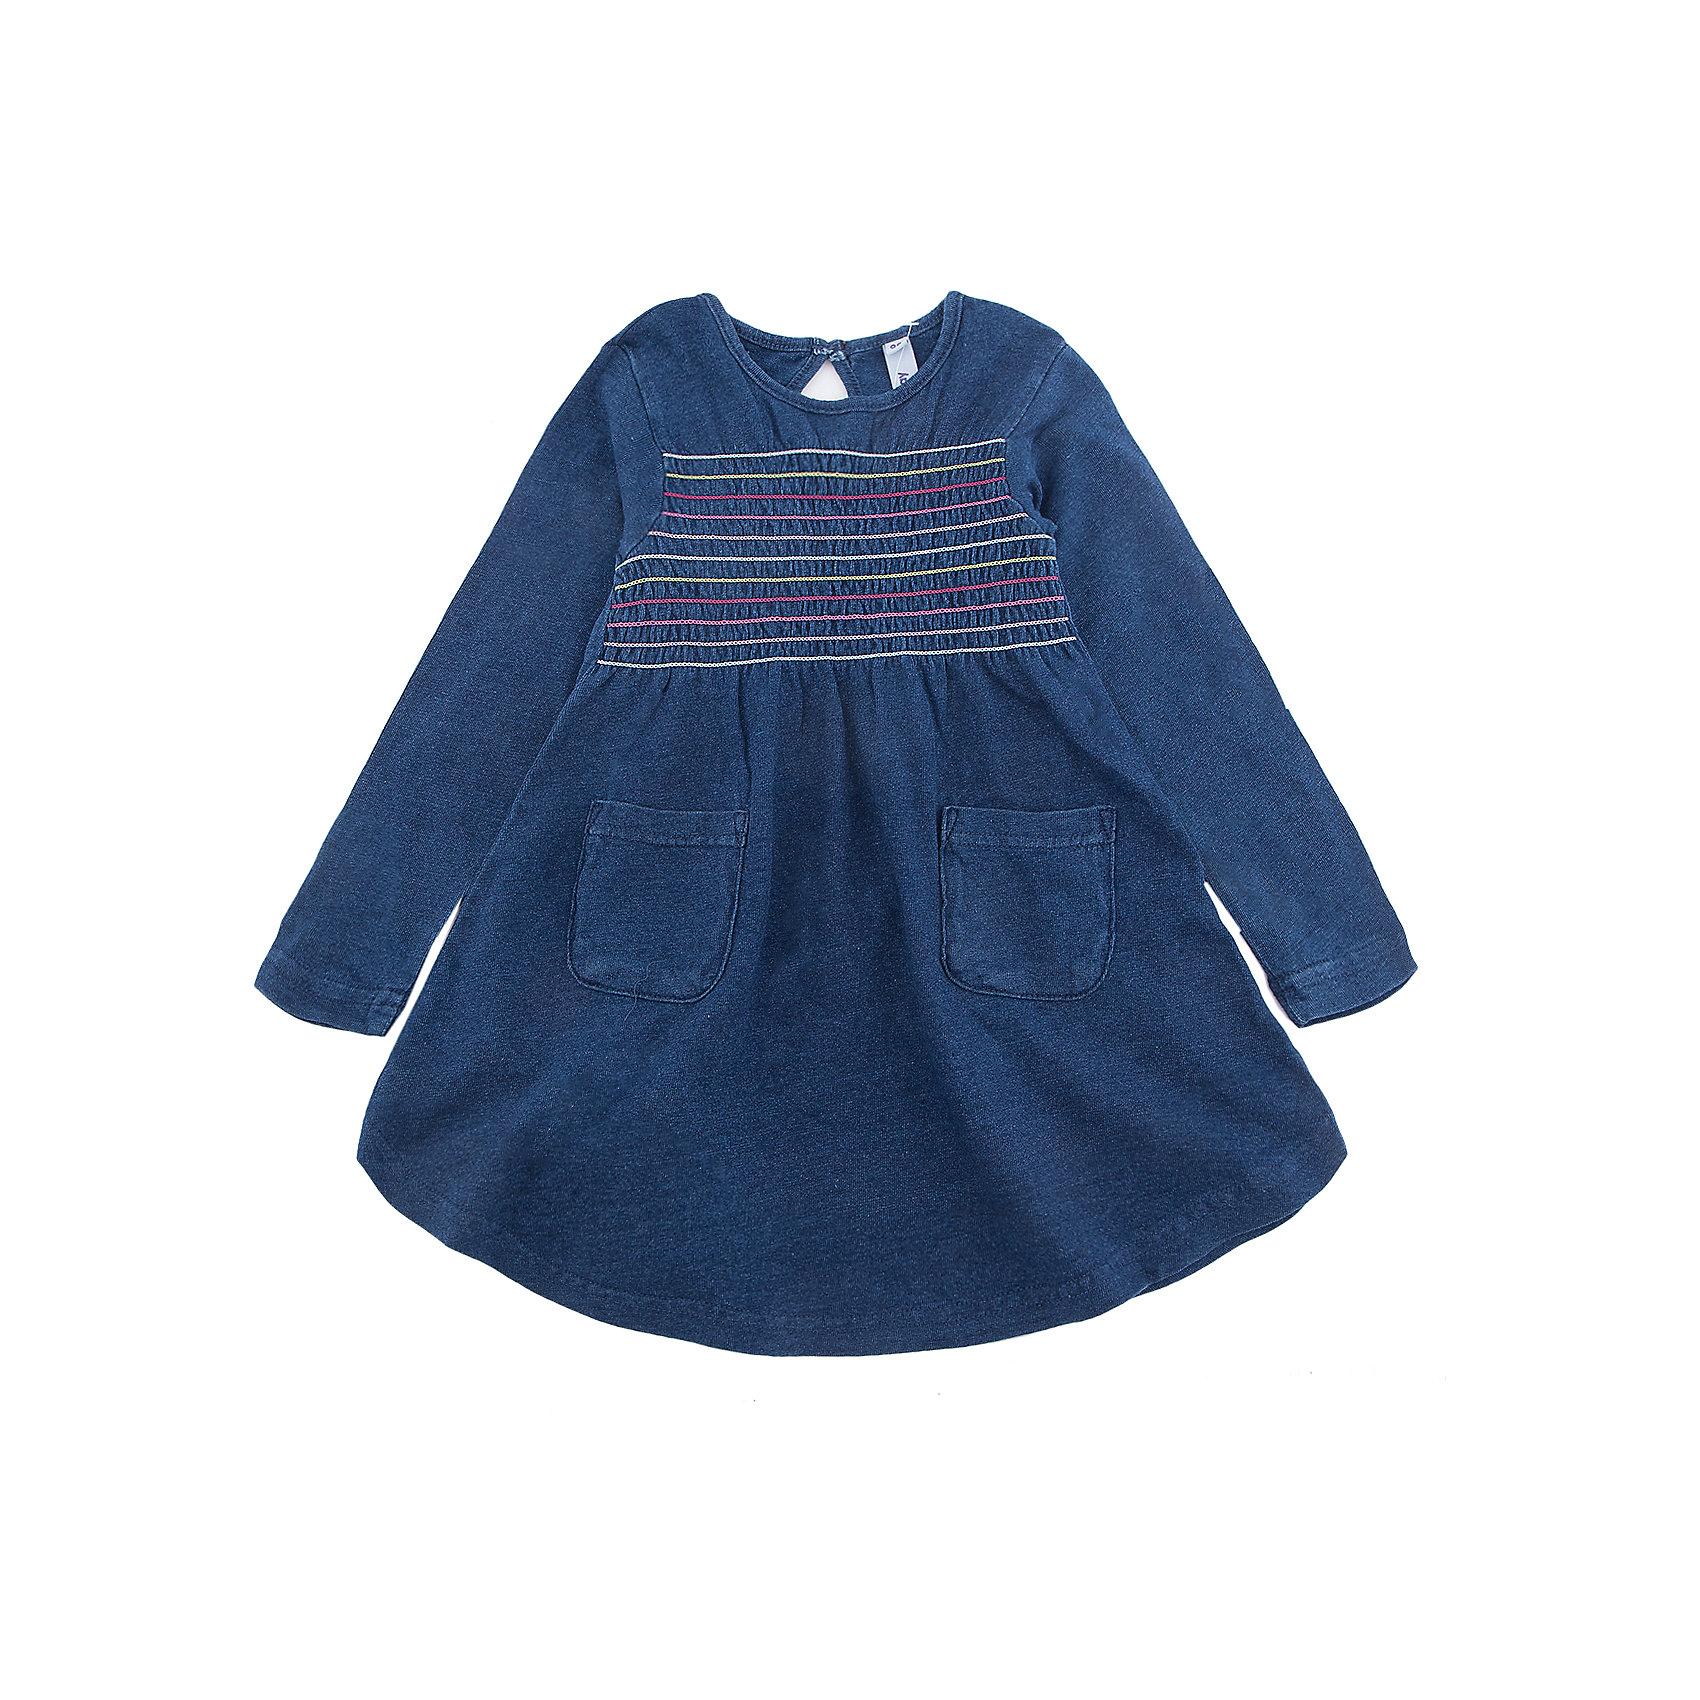 Платье PlayToday для девочкиПлатья и сарафаны<br>Платье PlayToday для девочки<br>Классическое платье свободного кроя - отличное решение для повседневного гардеробв. Модель с округлым вырезом, дополнена накладными карманами и декорирована контрастными швами. Натуральный материал не вызывает раздражений.<br>Состав:<br>95% хлопок, 5% эластан<br><br>Ширина мм: 236<br>Глубина мм: 16<br>Высота мм: 184<br>Вес г: 177<br>Цвет: синий<br>Возраст от месяцев: 84<br>Возраст до месяцев: 96<br>Пол: Женский<br>Возраст: Детский<br>Размер: 128,98,104,110,116,122<br>SKU: 7115463